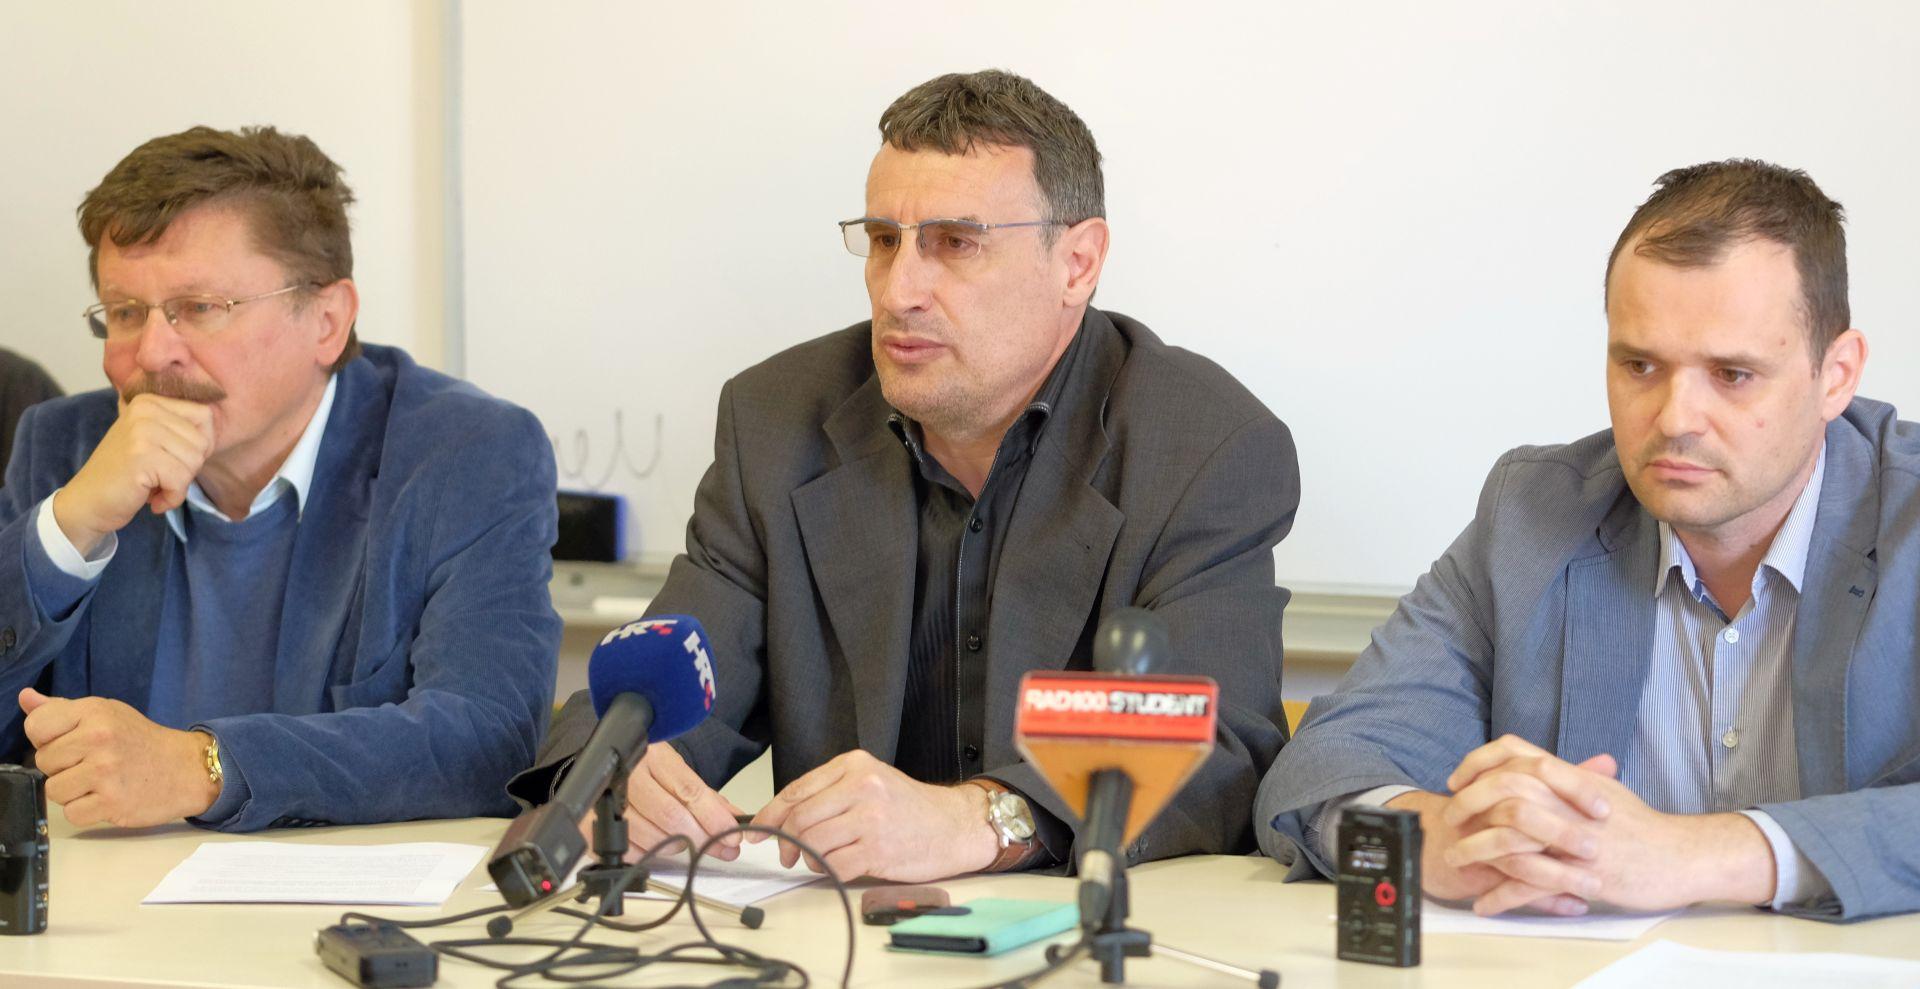 HRVATSKI STUDIJI: Sud zabranio, sindikat prekinuo štrajk